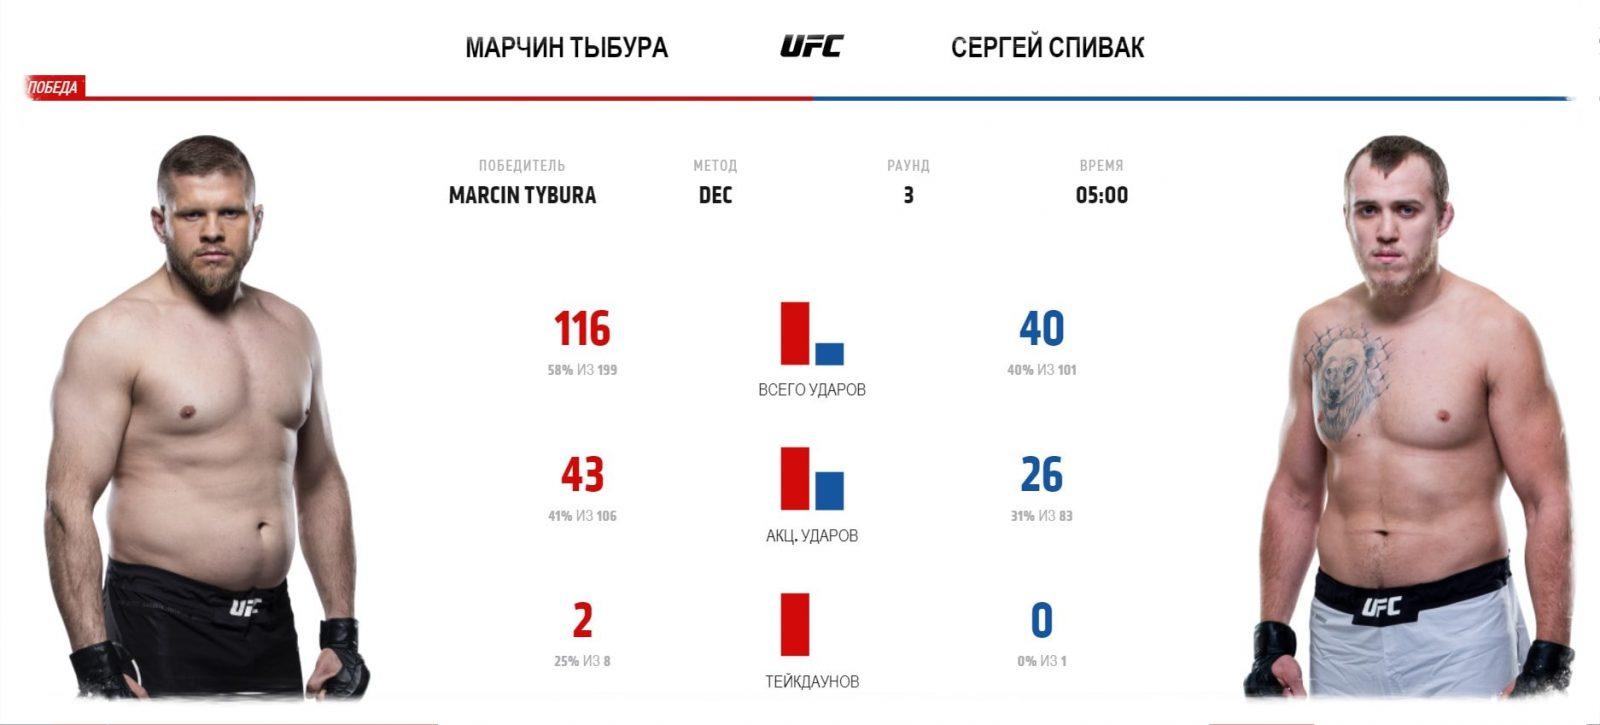 video-boya-marchin-tybura-sergej-spivak-marcin-tybura-sergey-spivak-ufc-fight-night-169